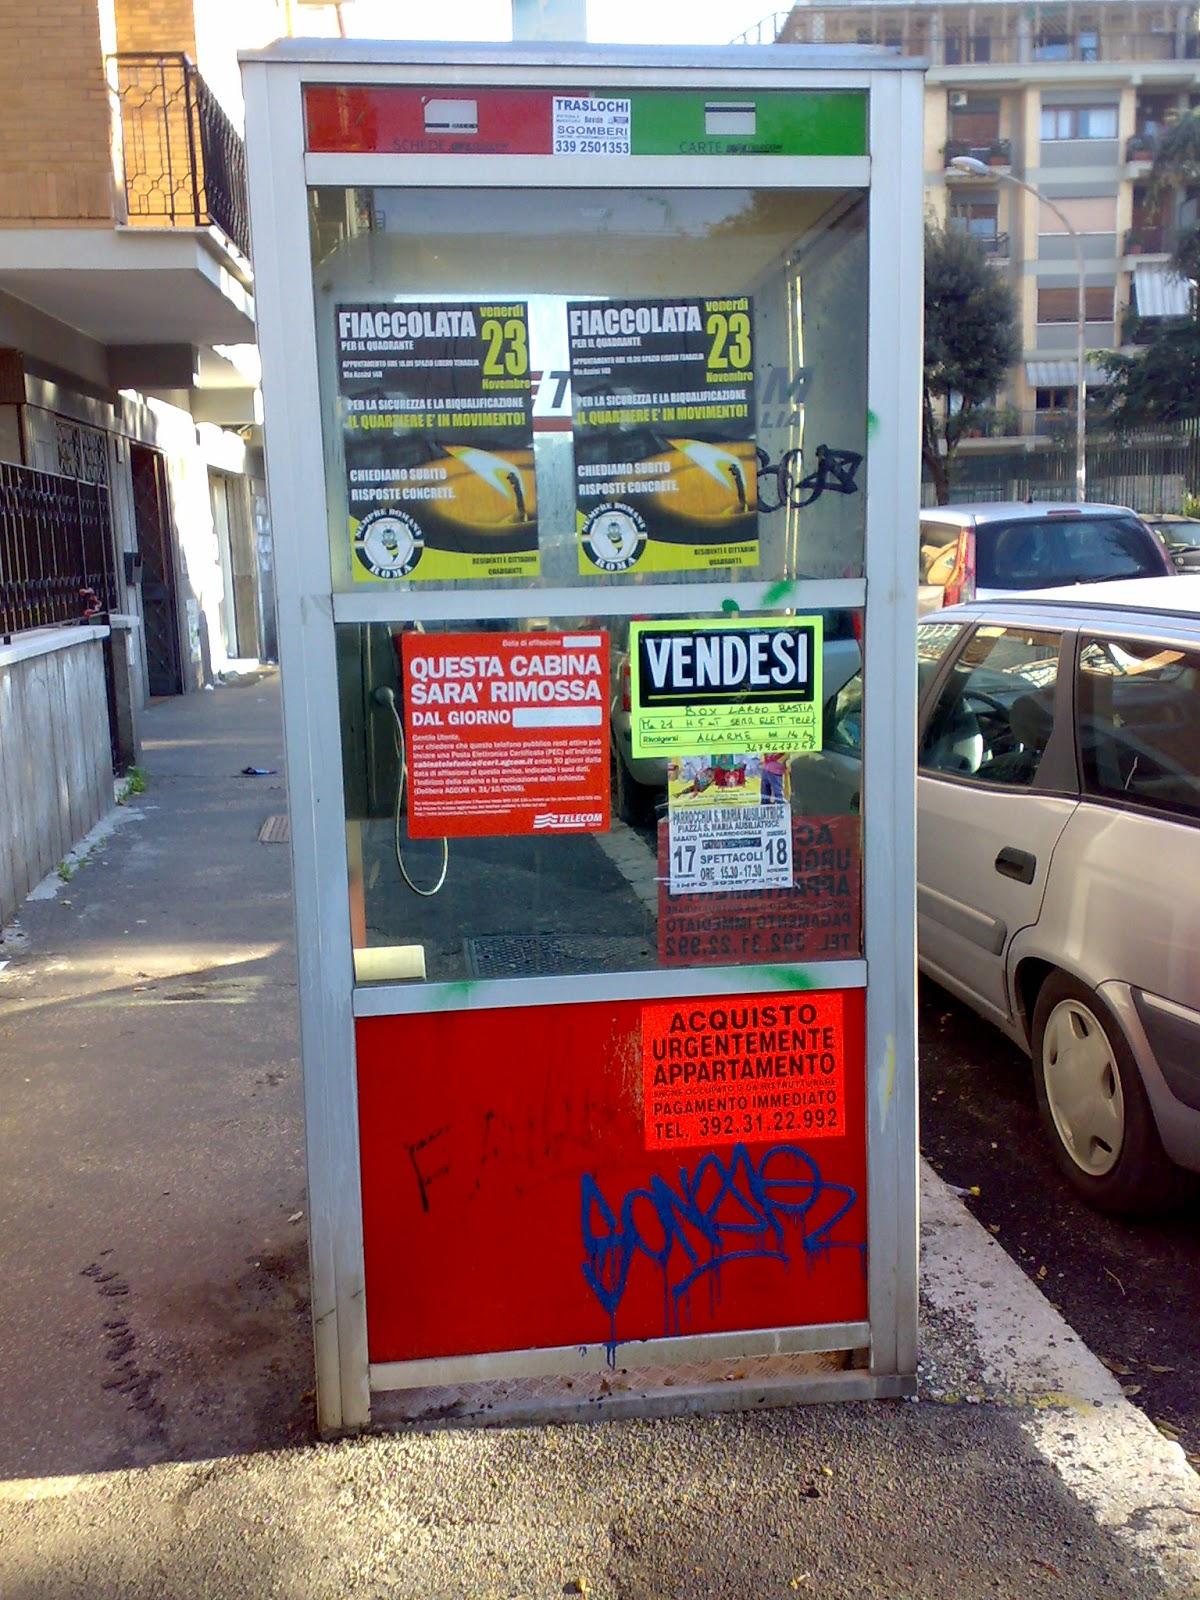 Roma nove teoria delle finestre rotte - Teoria delle finestre rotte sociologia ...